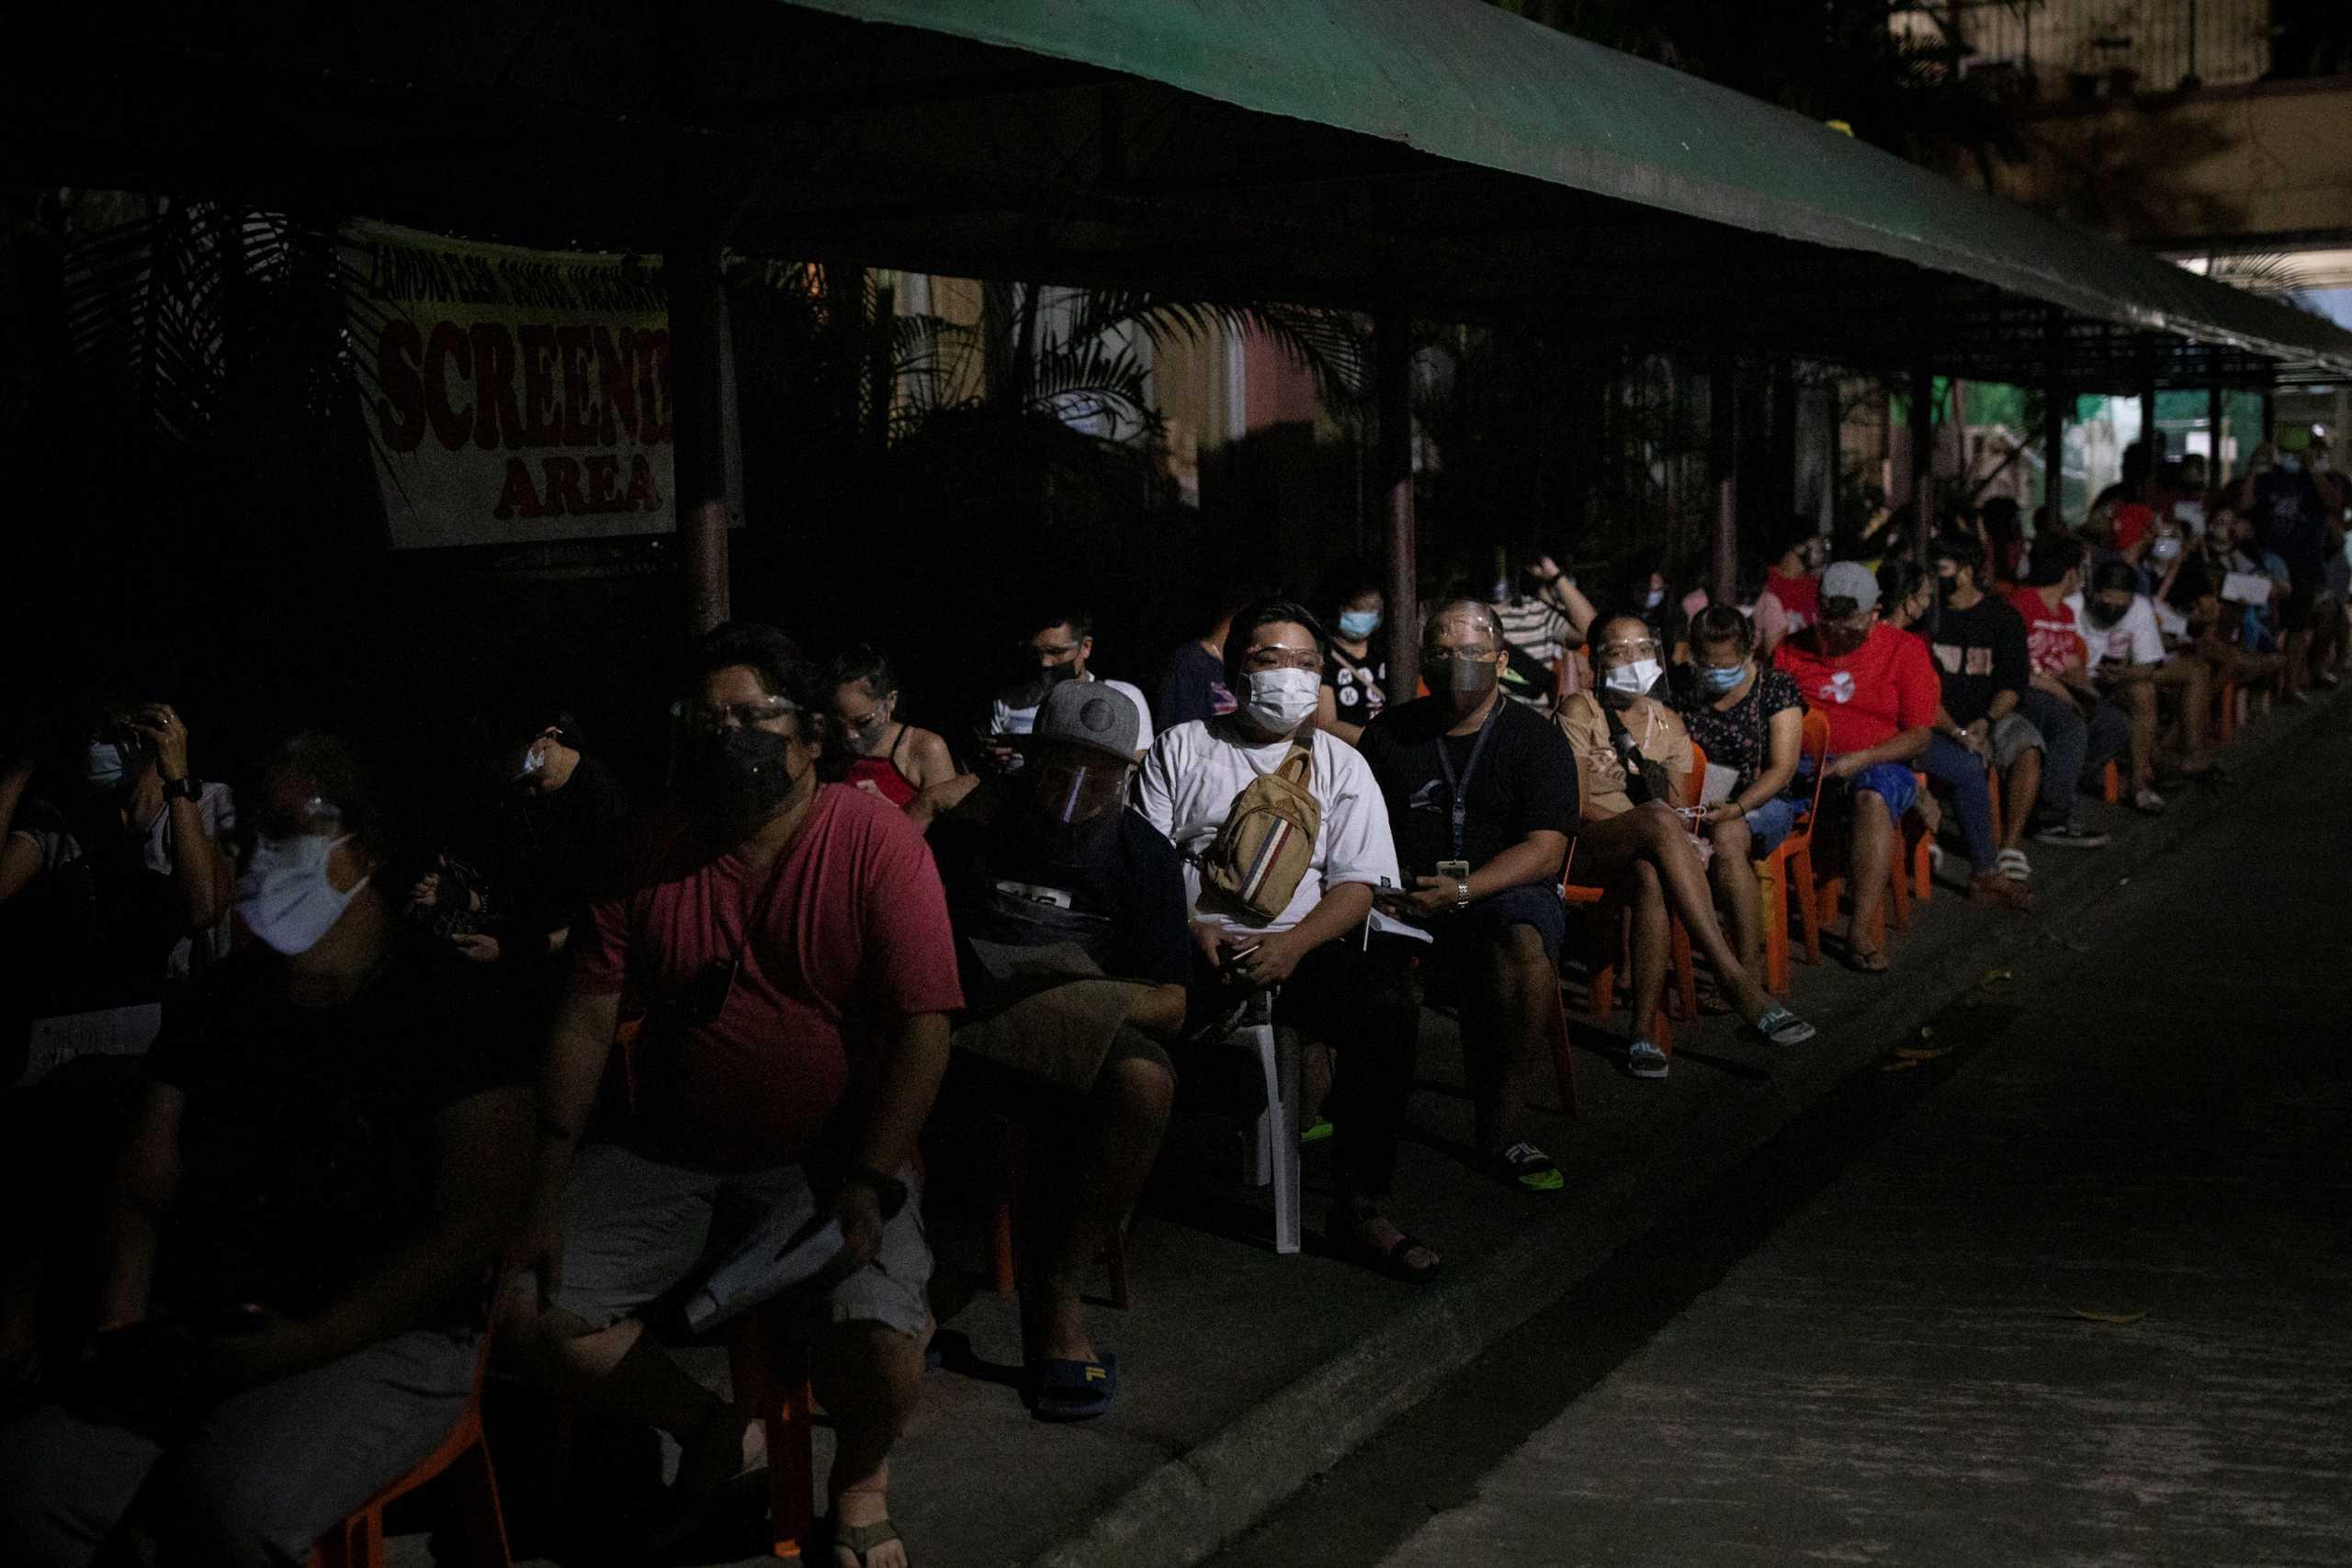 Φιλιππίνες: «Τρέχουν» την εκστρατεία ανοσοποίησης με 24ωρα εμβολιαστικά κέντρα